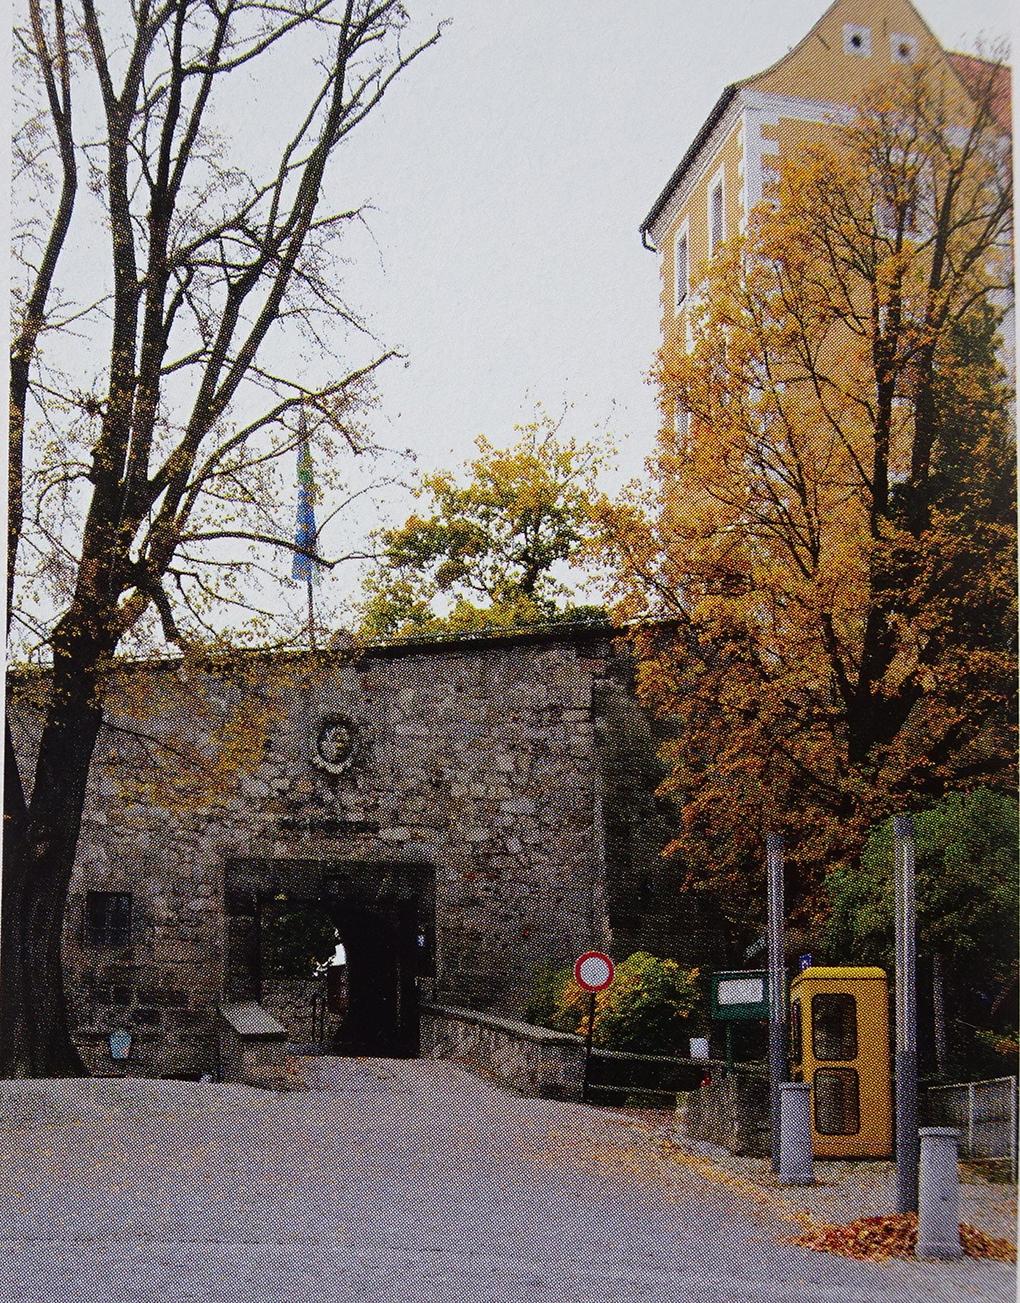 Brama do zamku Hohnstein, zdjęcie współczesne, reprodukcja w: Frank Richter, Caspar David Friedrich. Spurensuche im Dresdner Umland und in der Sächsischen Schweiz (Poszukiwania śladów w okolicach Drezna i w Saskiej Szwajcarii), Humus 2009, s. 38